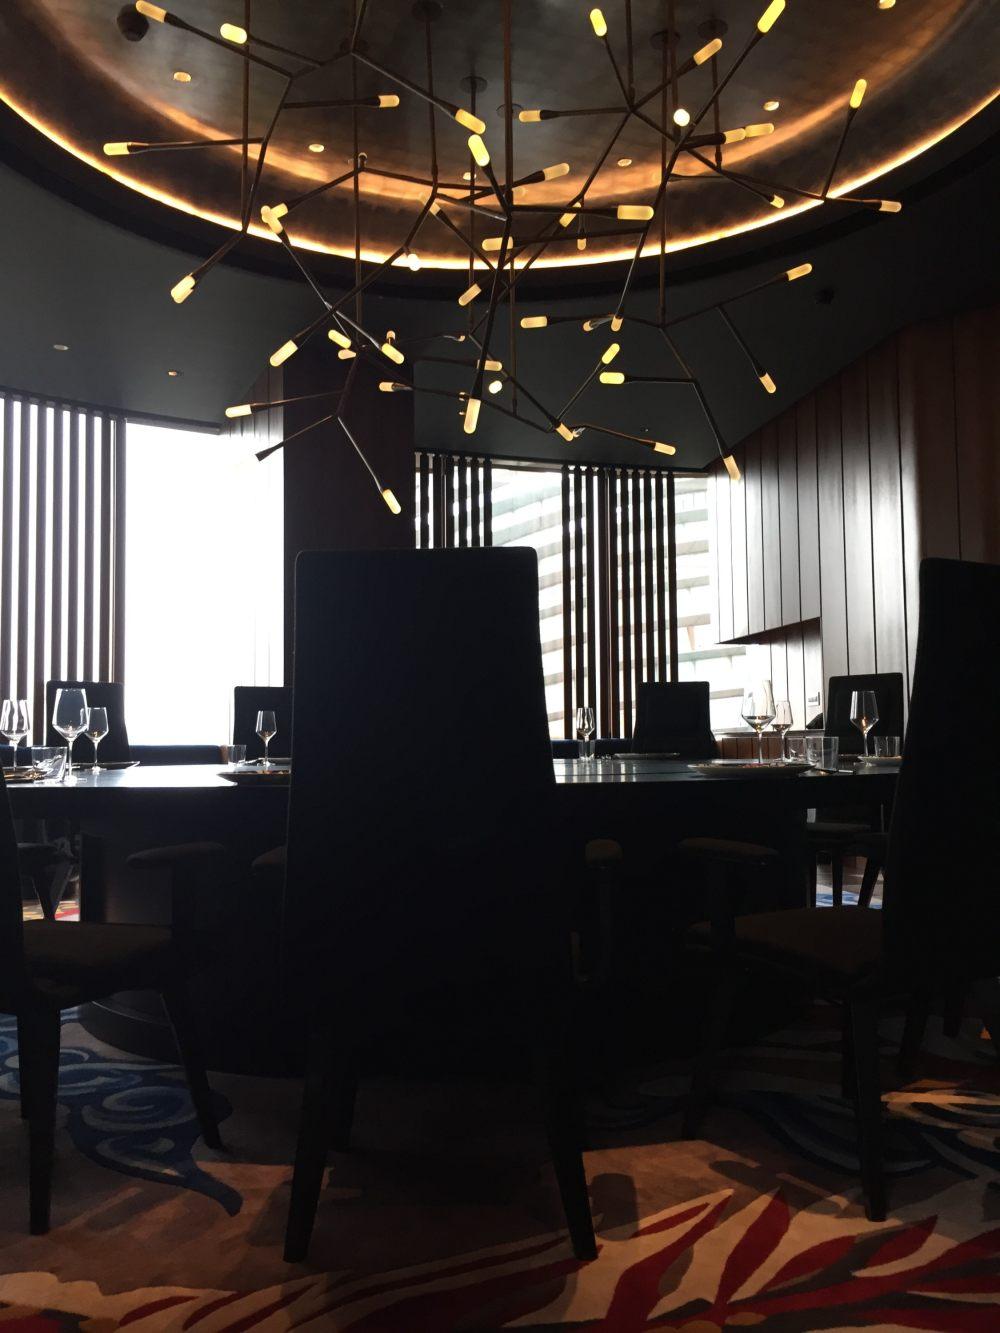 上海外滩W酒店,史上最全入住体验 自拍分享,申请置...._IMG_6259.JPG